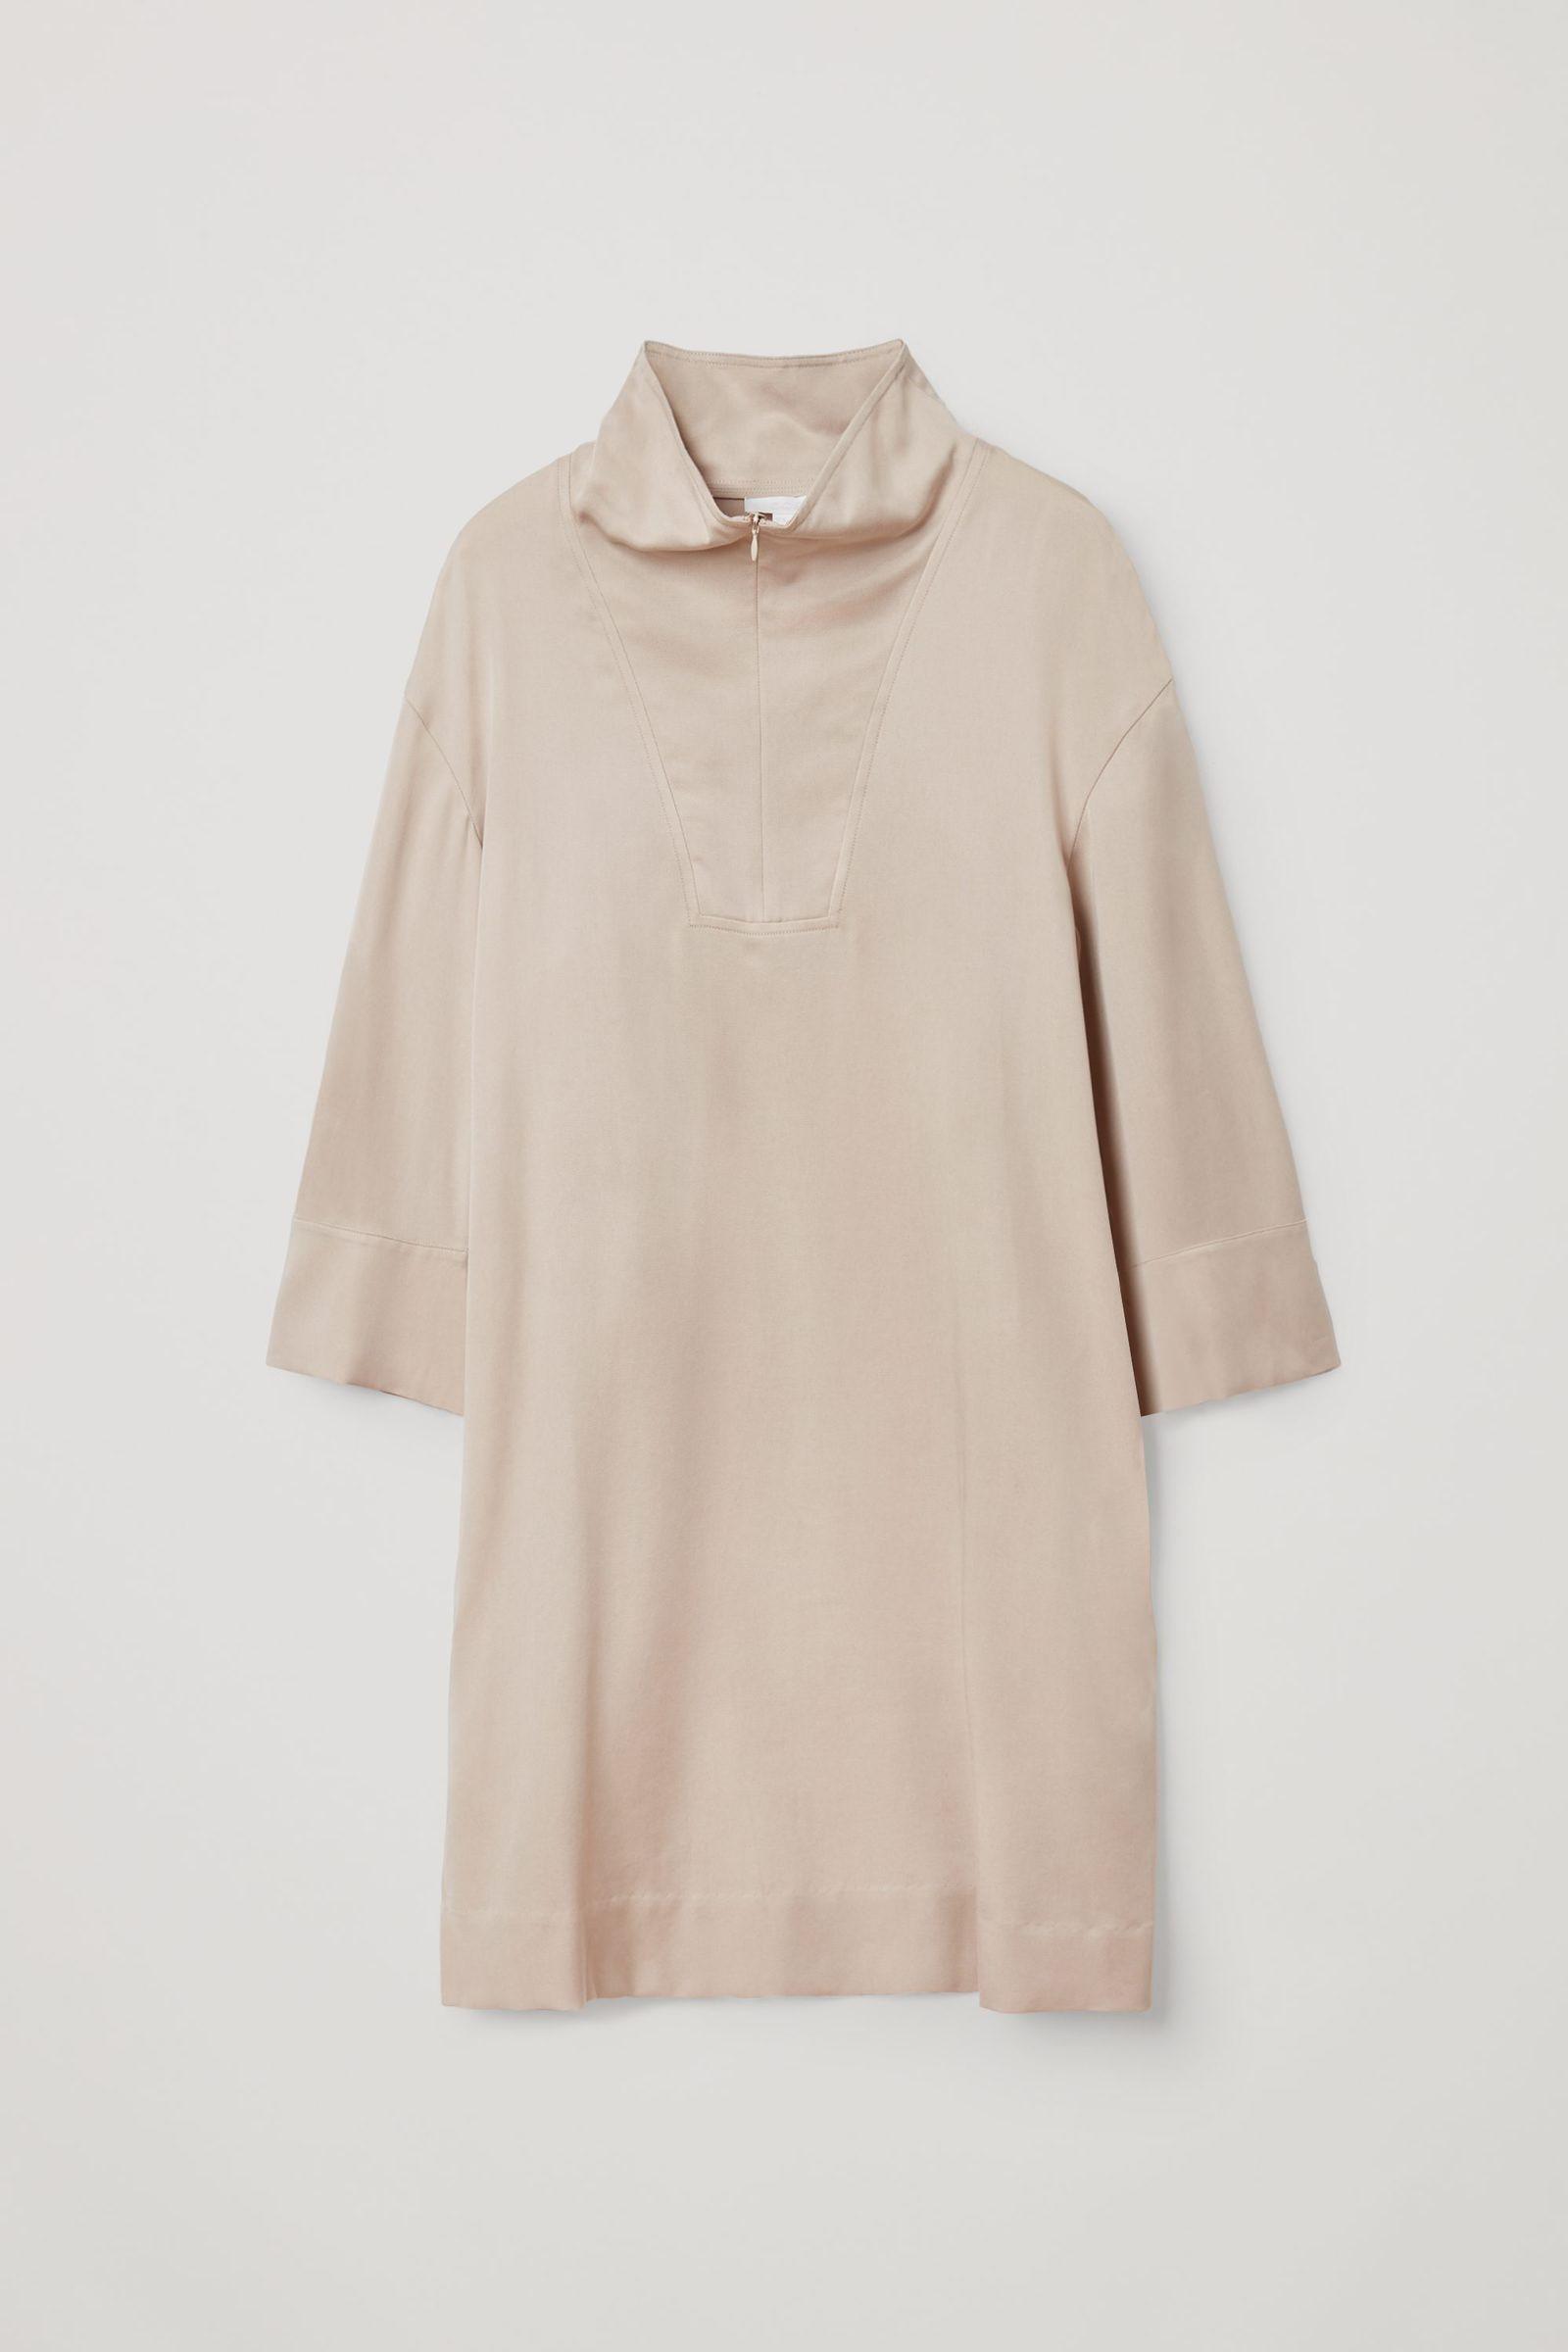 COS 라이오셀 유틸리티 드레스의 베이지컬러 Product입니다.